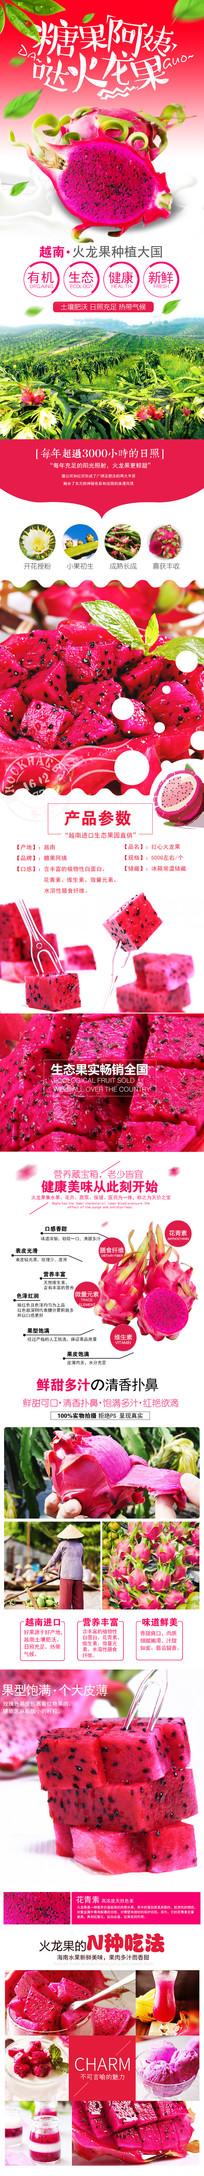 火龙果水果详情页模板